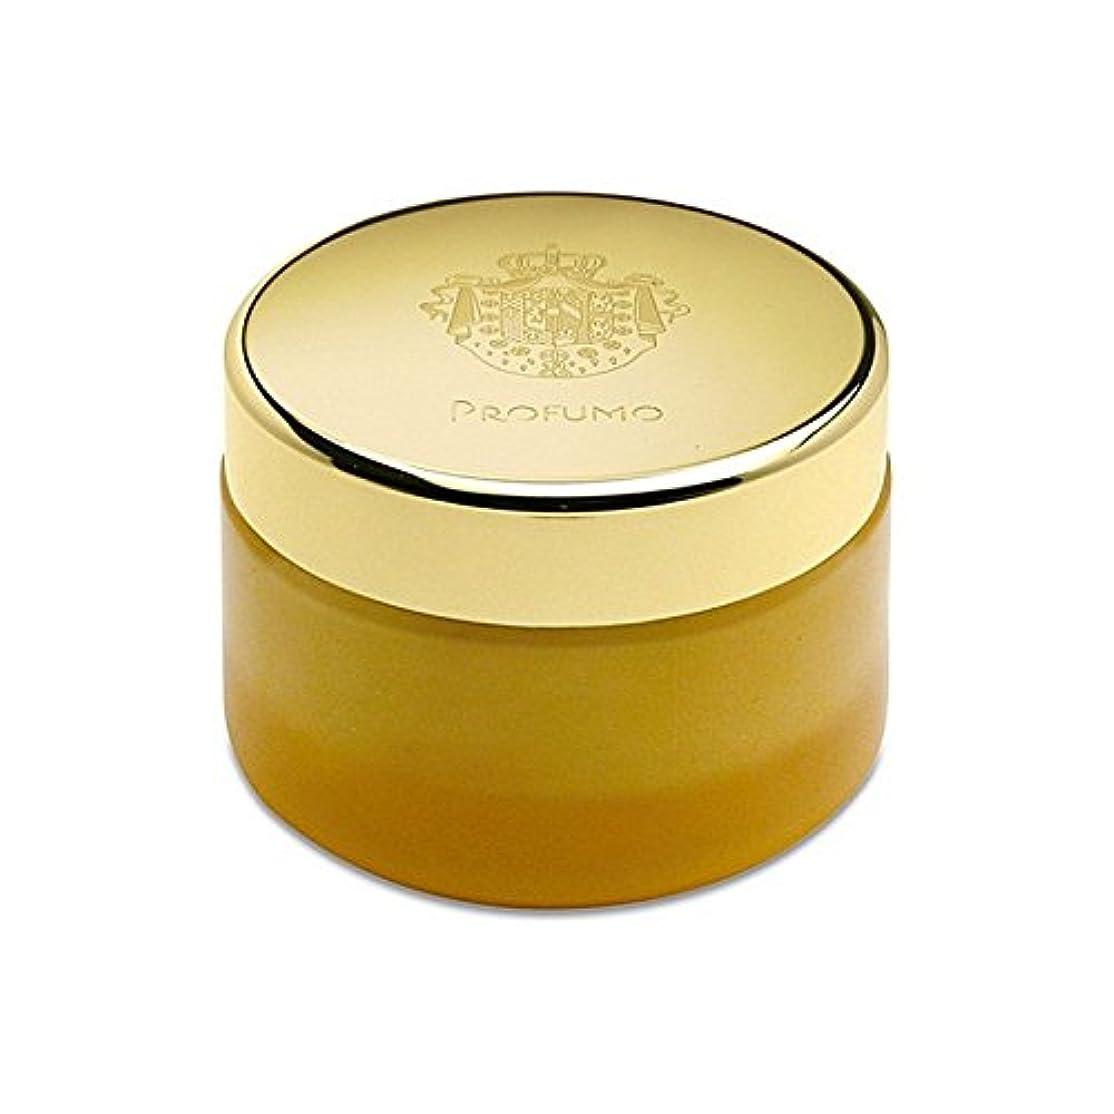 指導するスペア血まみれのAcqua Di Parma Profumo Body Cream 200ml - アクアディパルマボディクリーム200ミリリットル [並行輸入品]